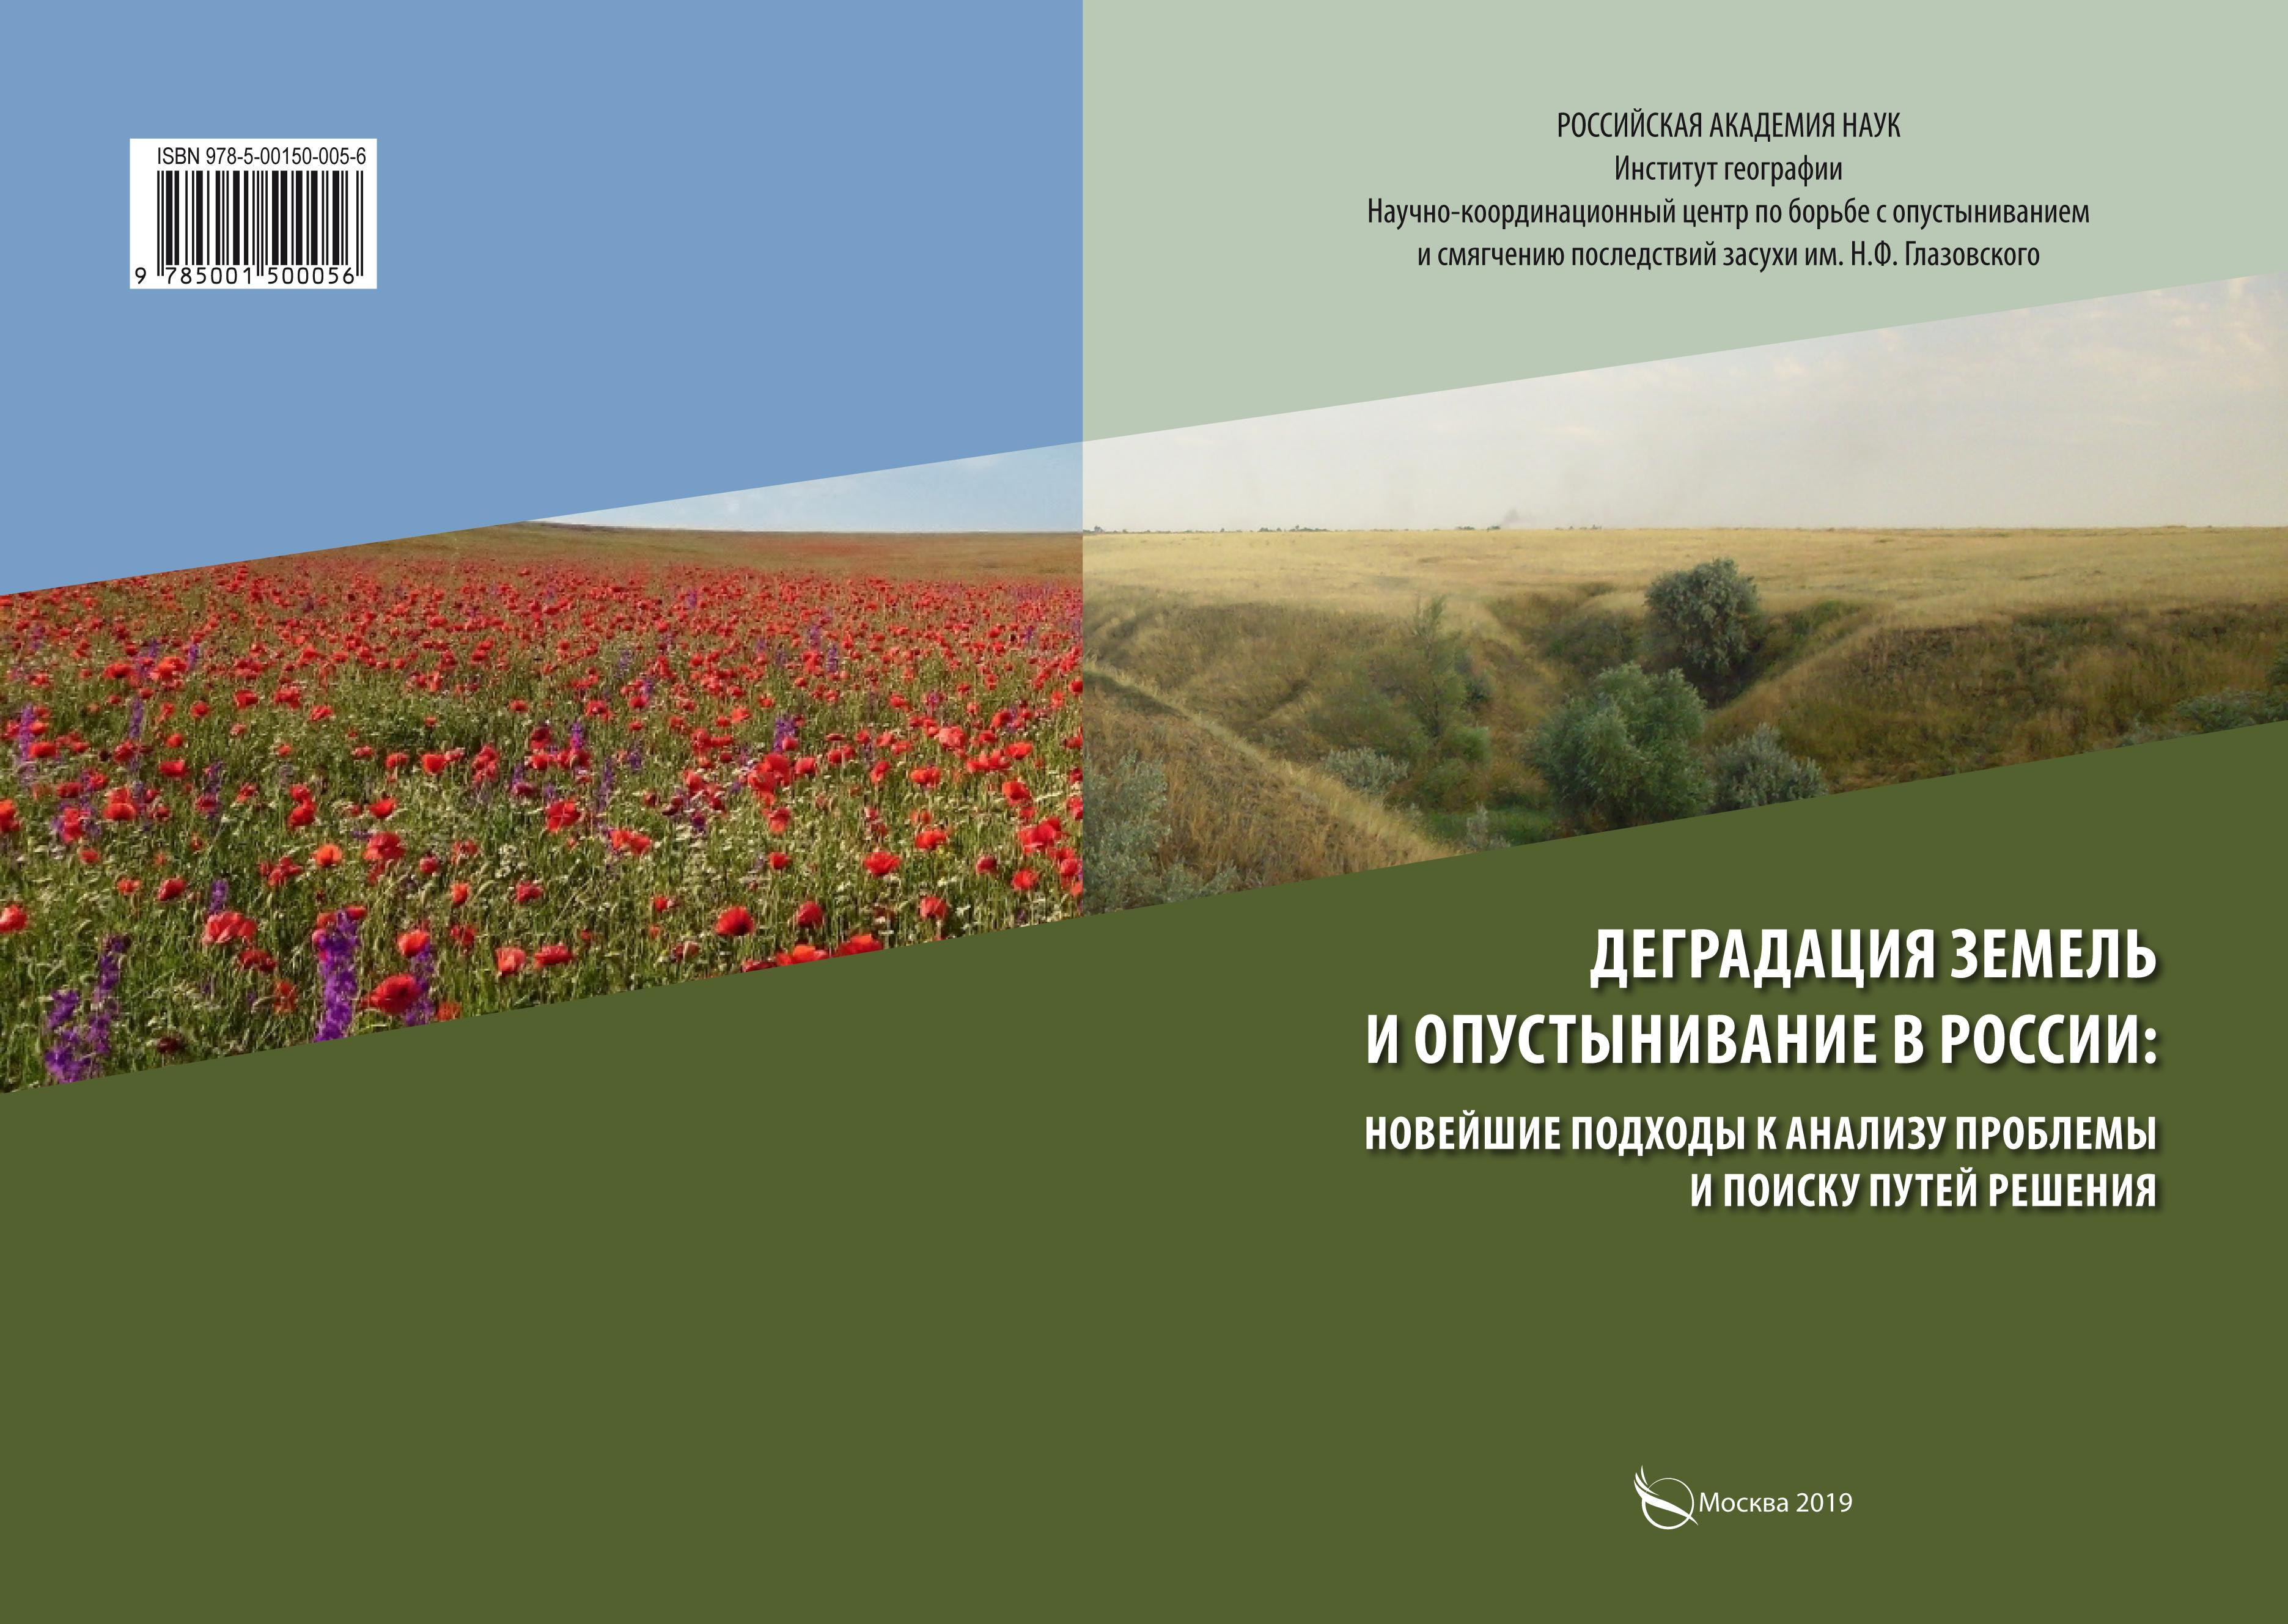 Деградация земель и опустынивание в России: Новейшие подходы к анализу проблемы и поиску путей решения